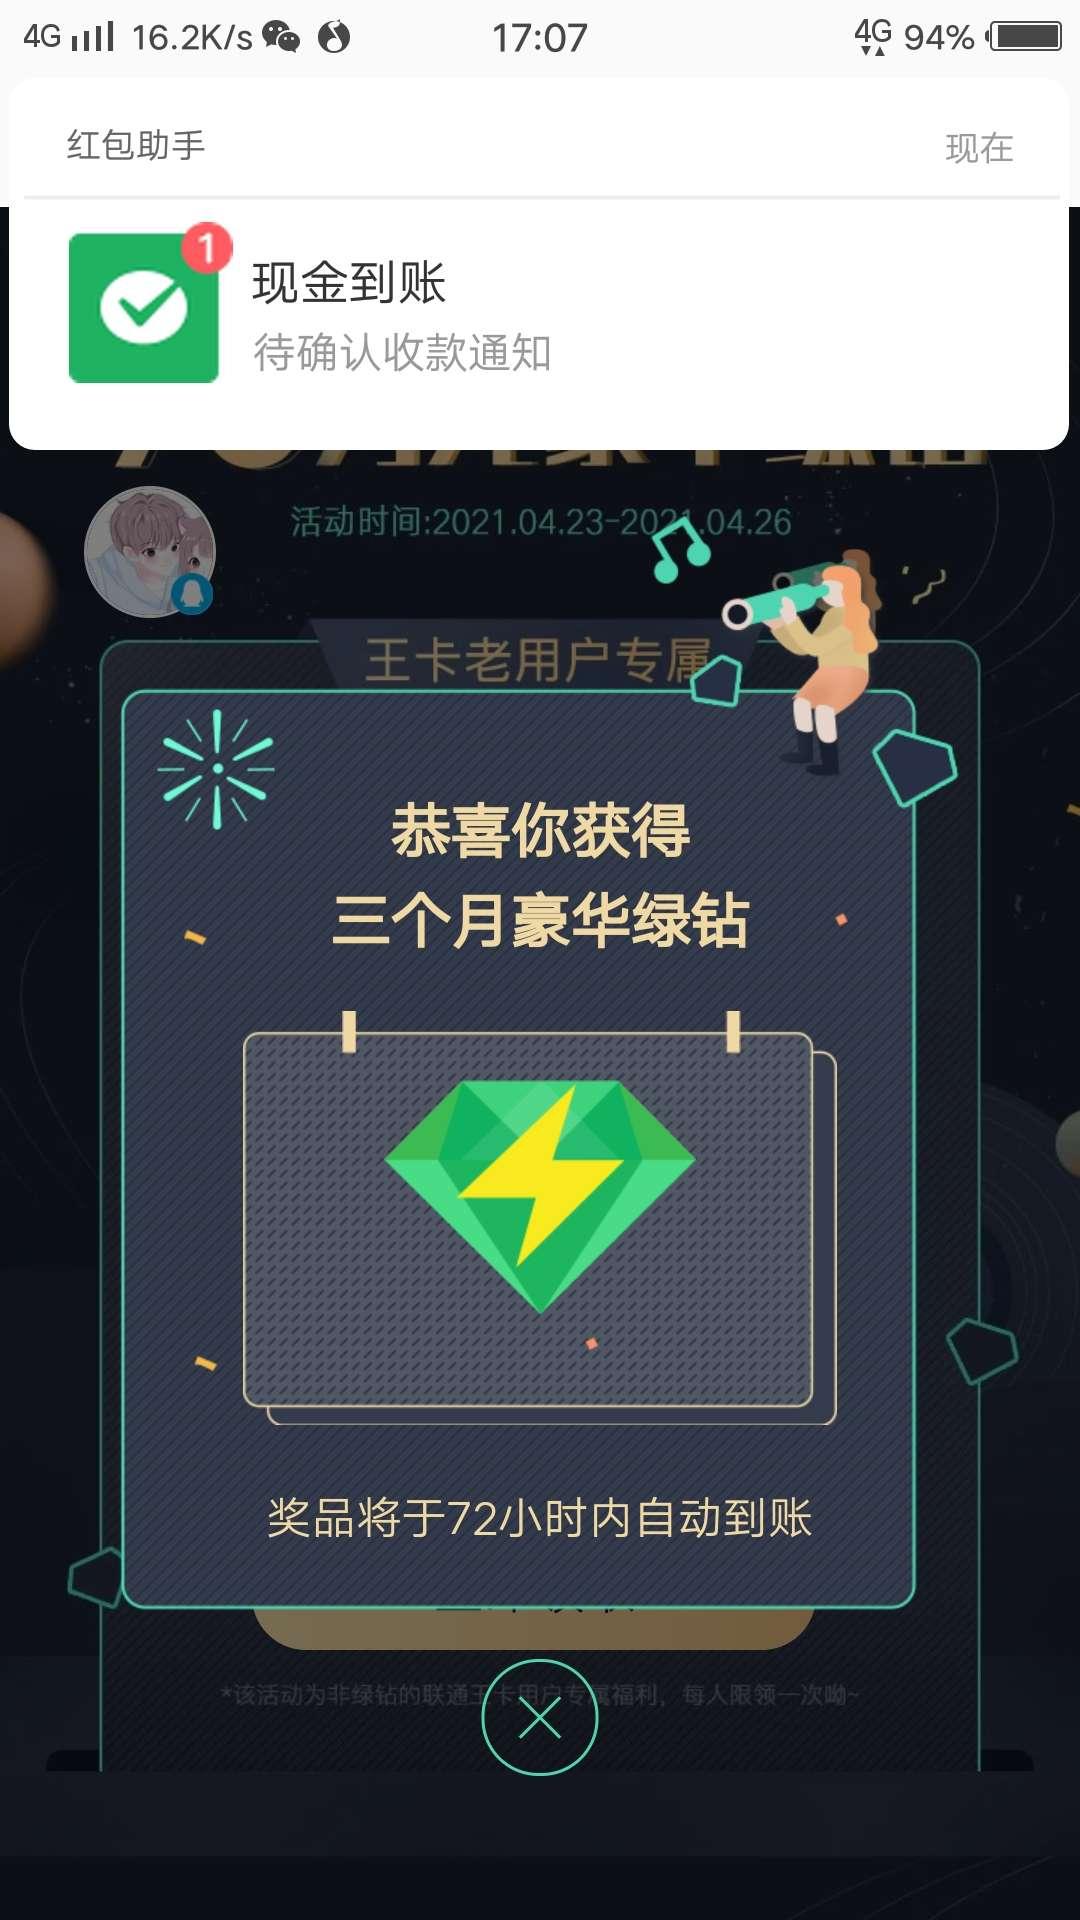 腾讯王卡免费领三个月绿钻